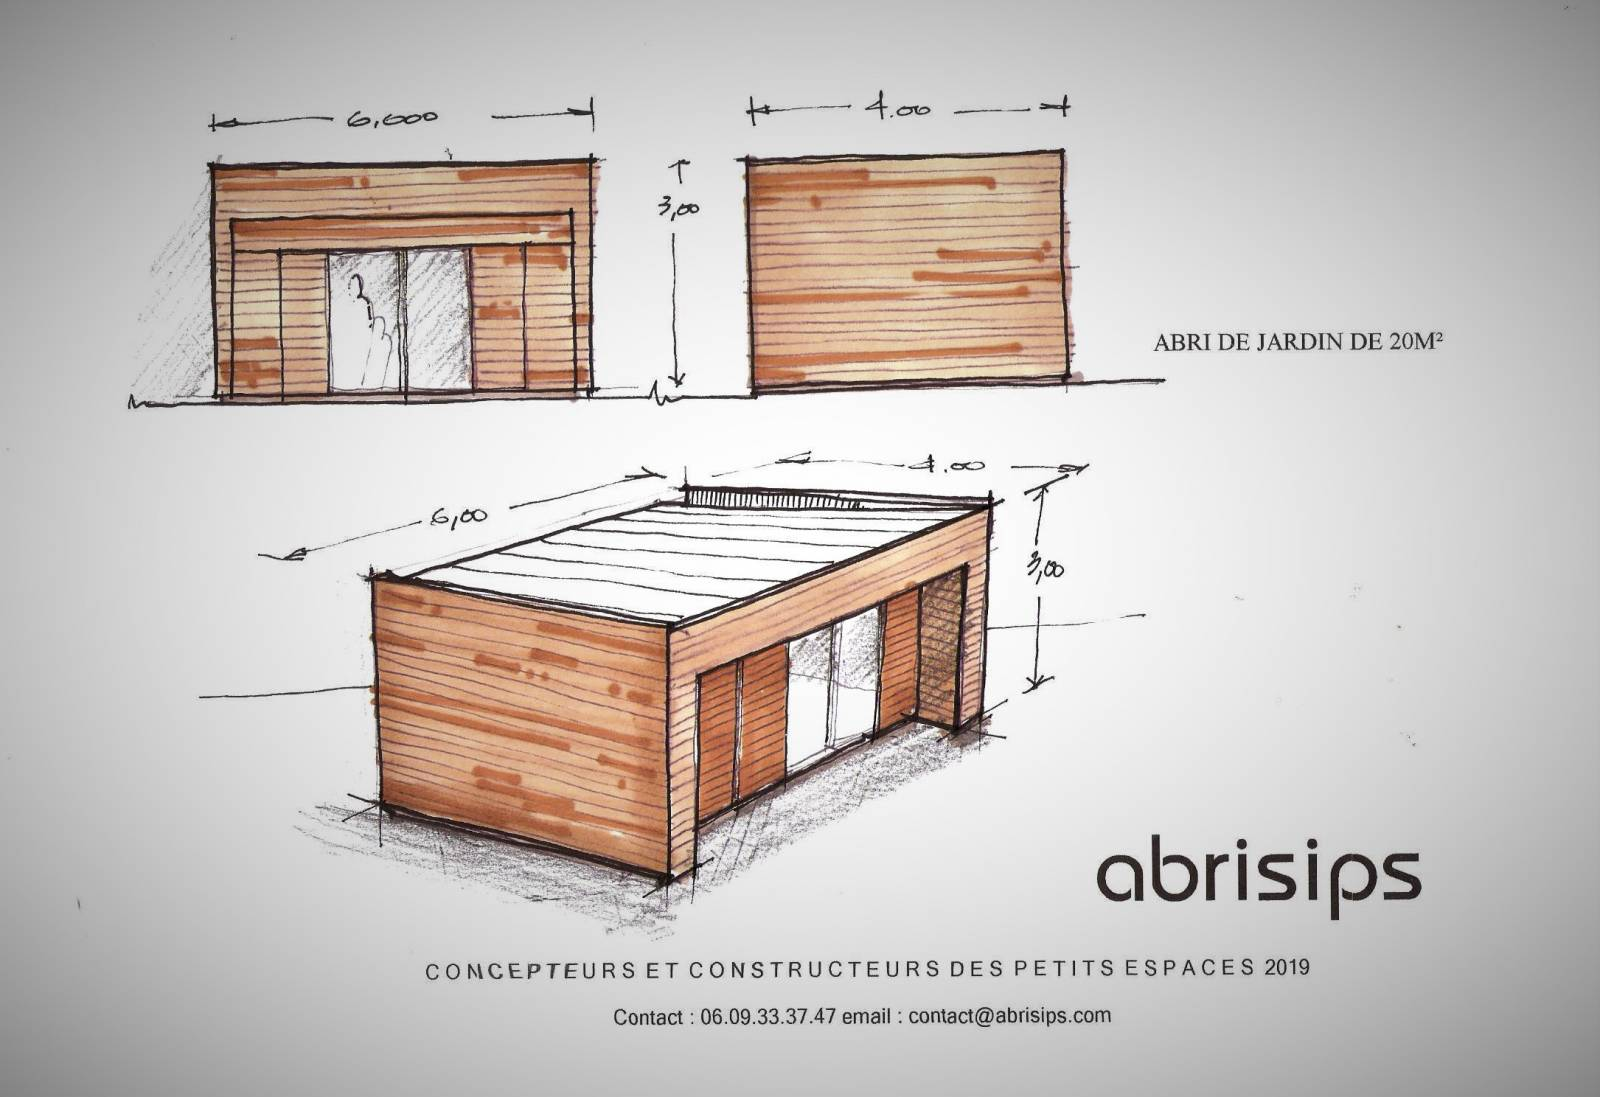 Abri De Jardin En Pin Douglas abri de jardin en ceinture bois de 20m² - construction en